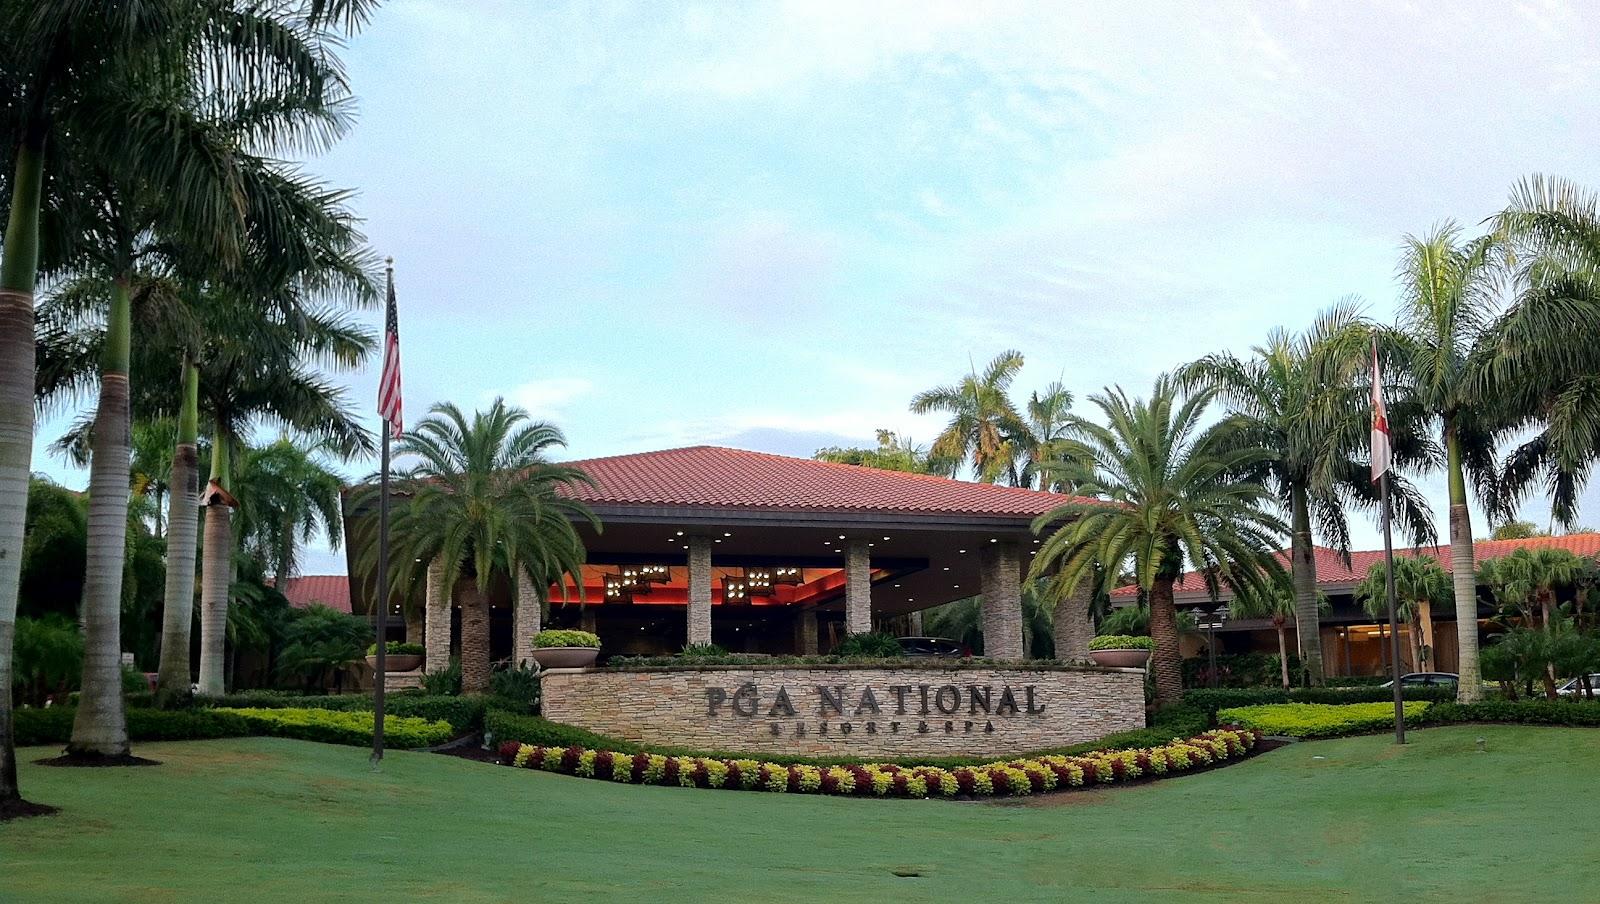 Pga tour swings into florida californiagolf for Pga national palm beach gardens